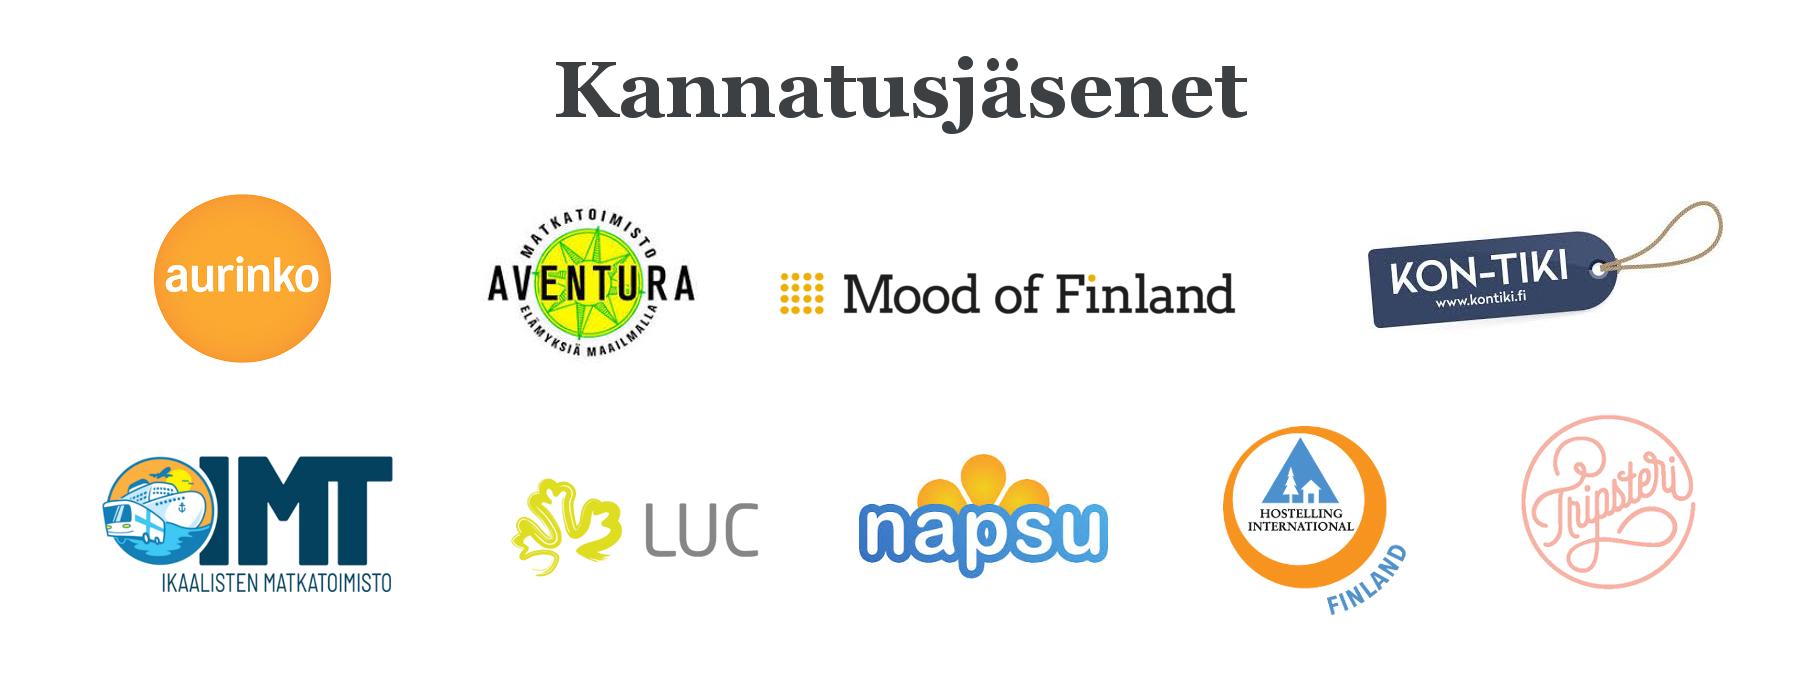 Reilun matkailun yhdistyksen kannatusjäsenten logot